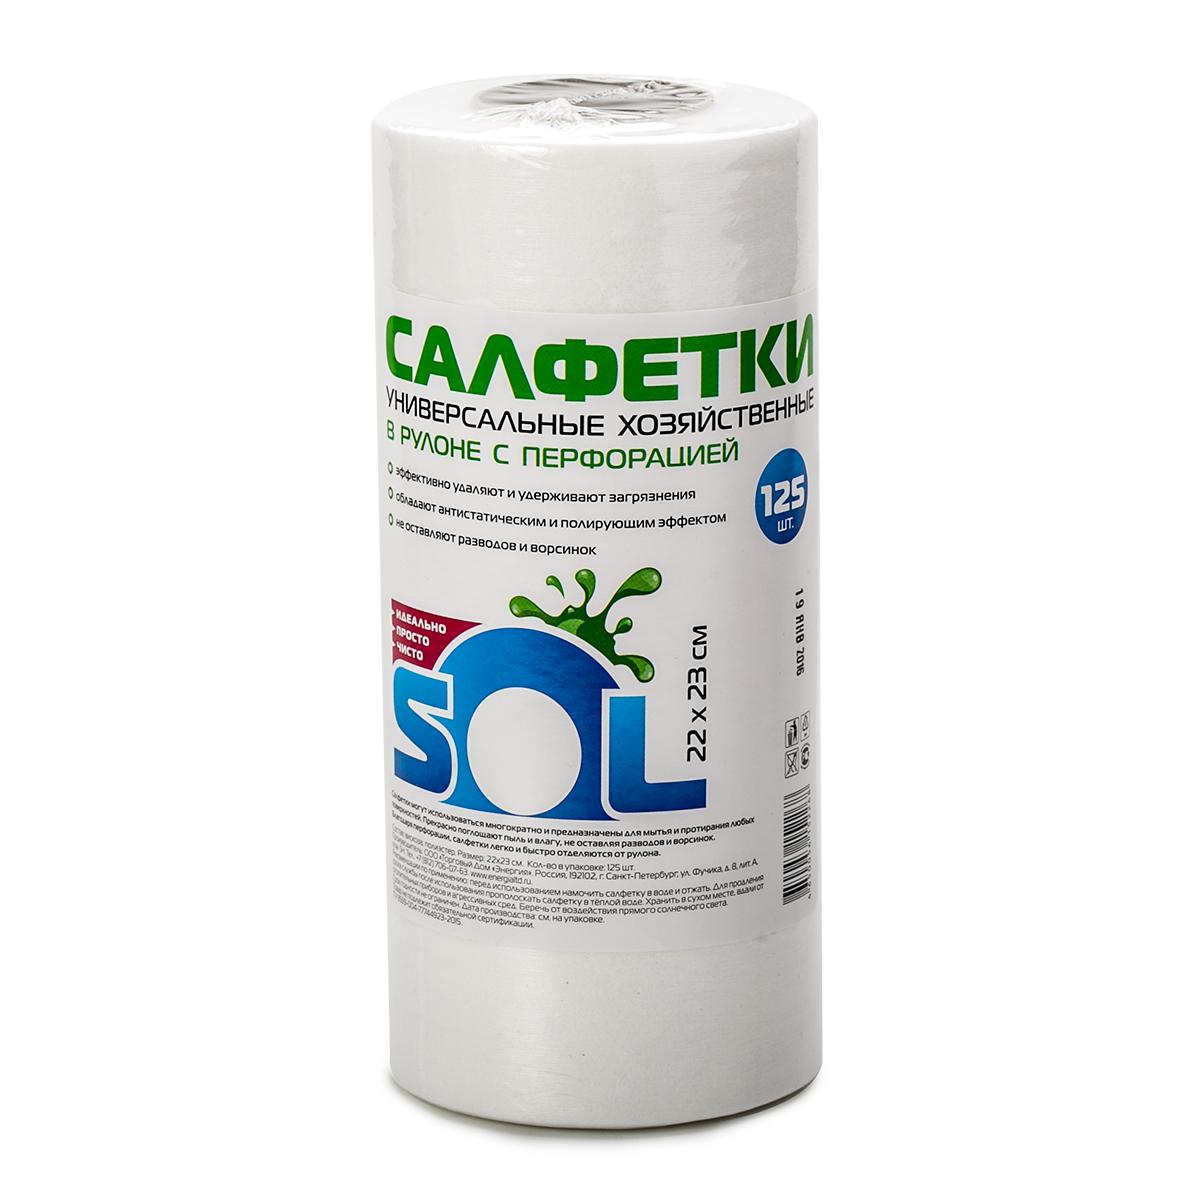 Салфетки можно использовать как многоразовые, если стирать их после каждого использования